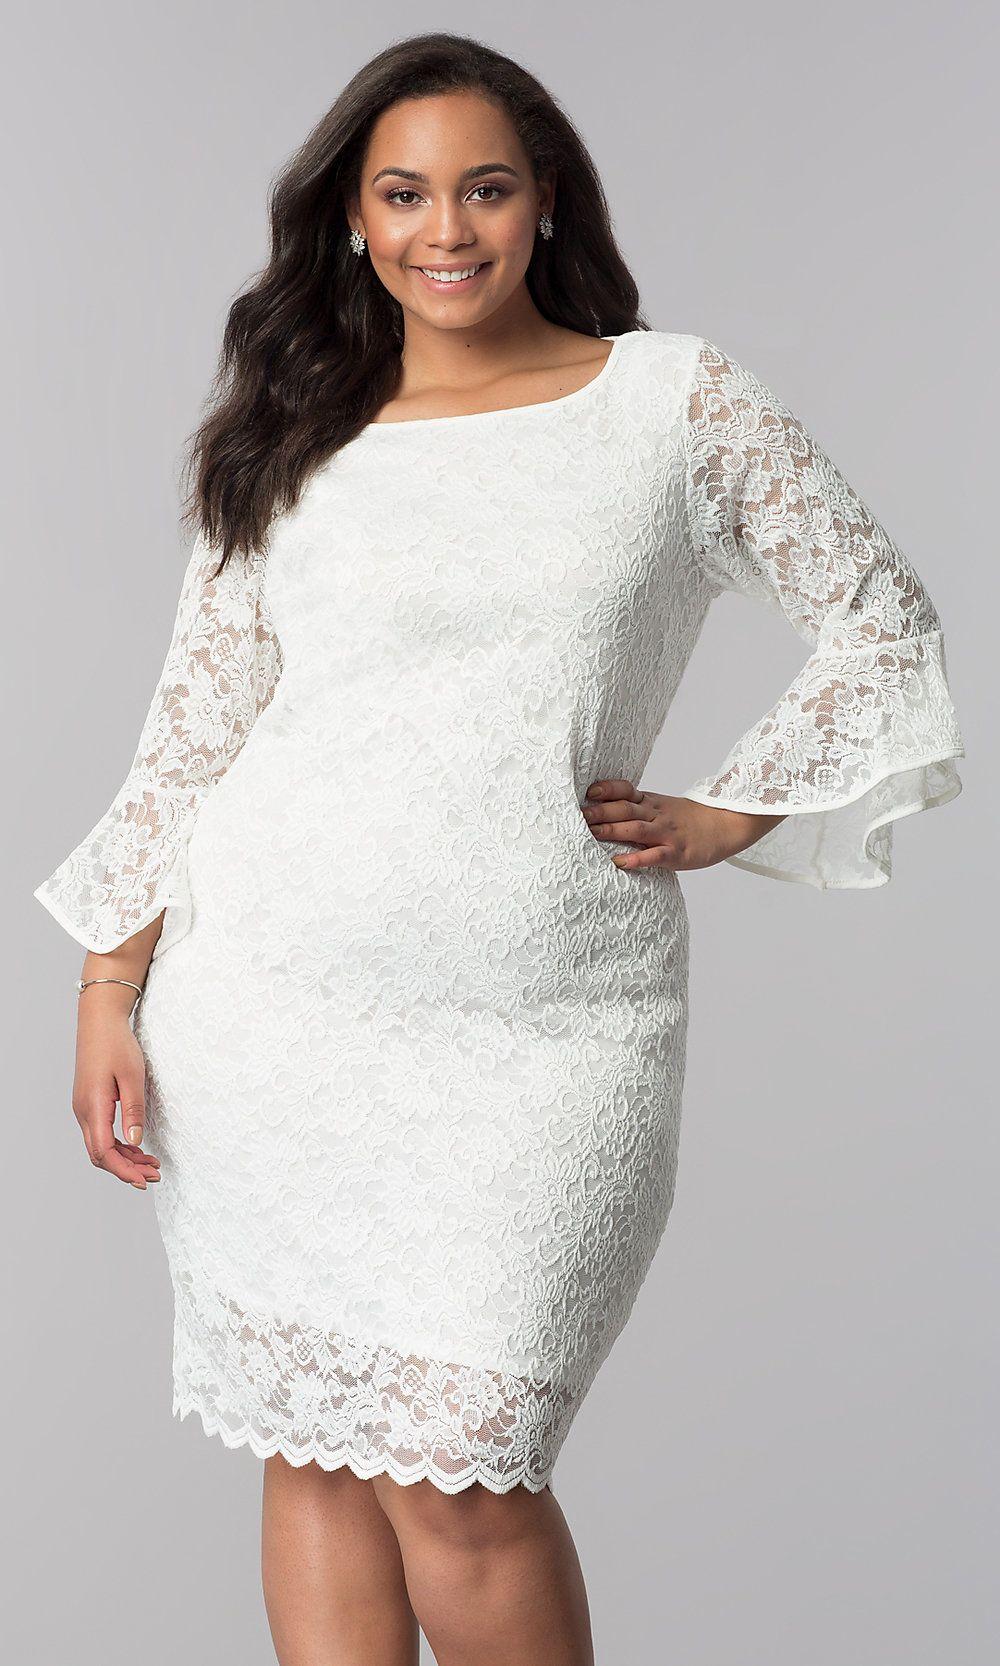 plus-size short white lace party dress